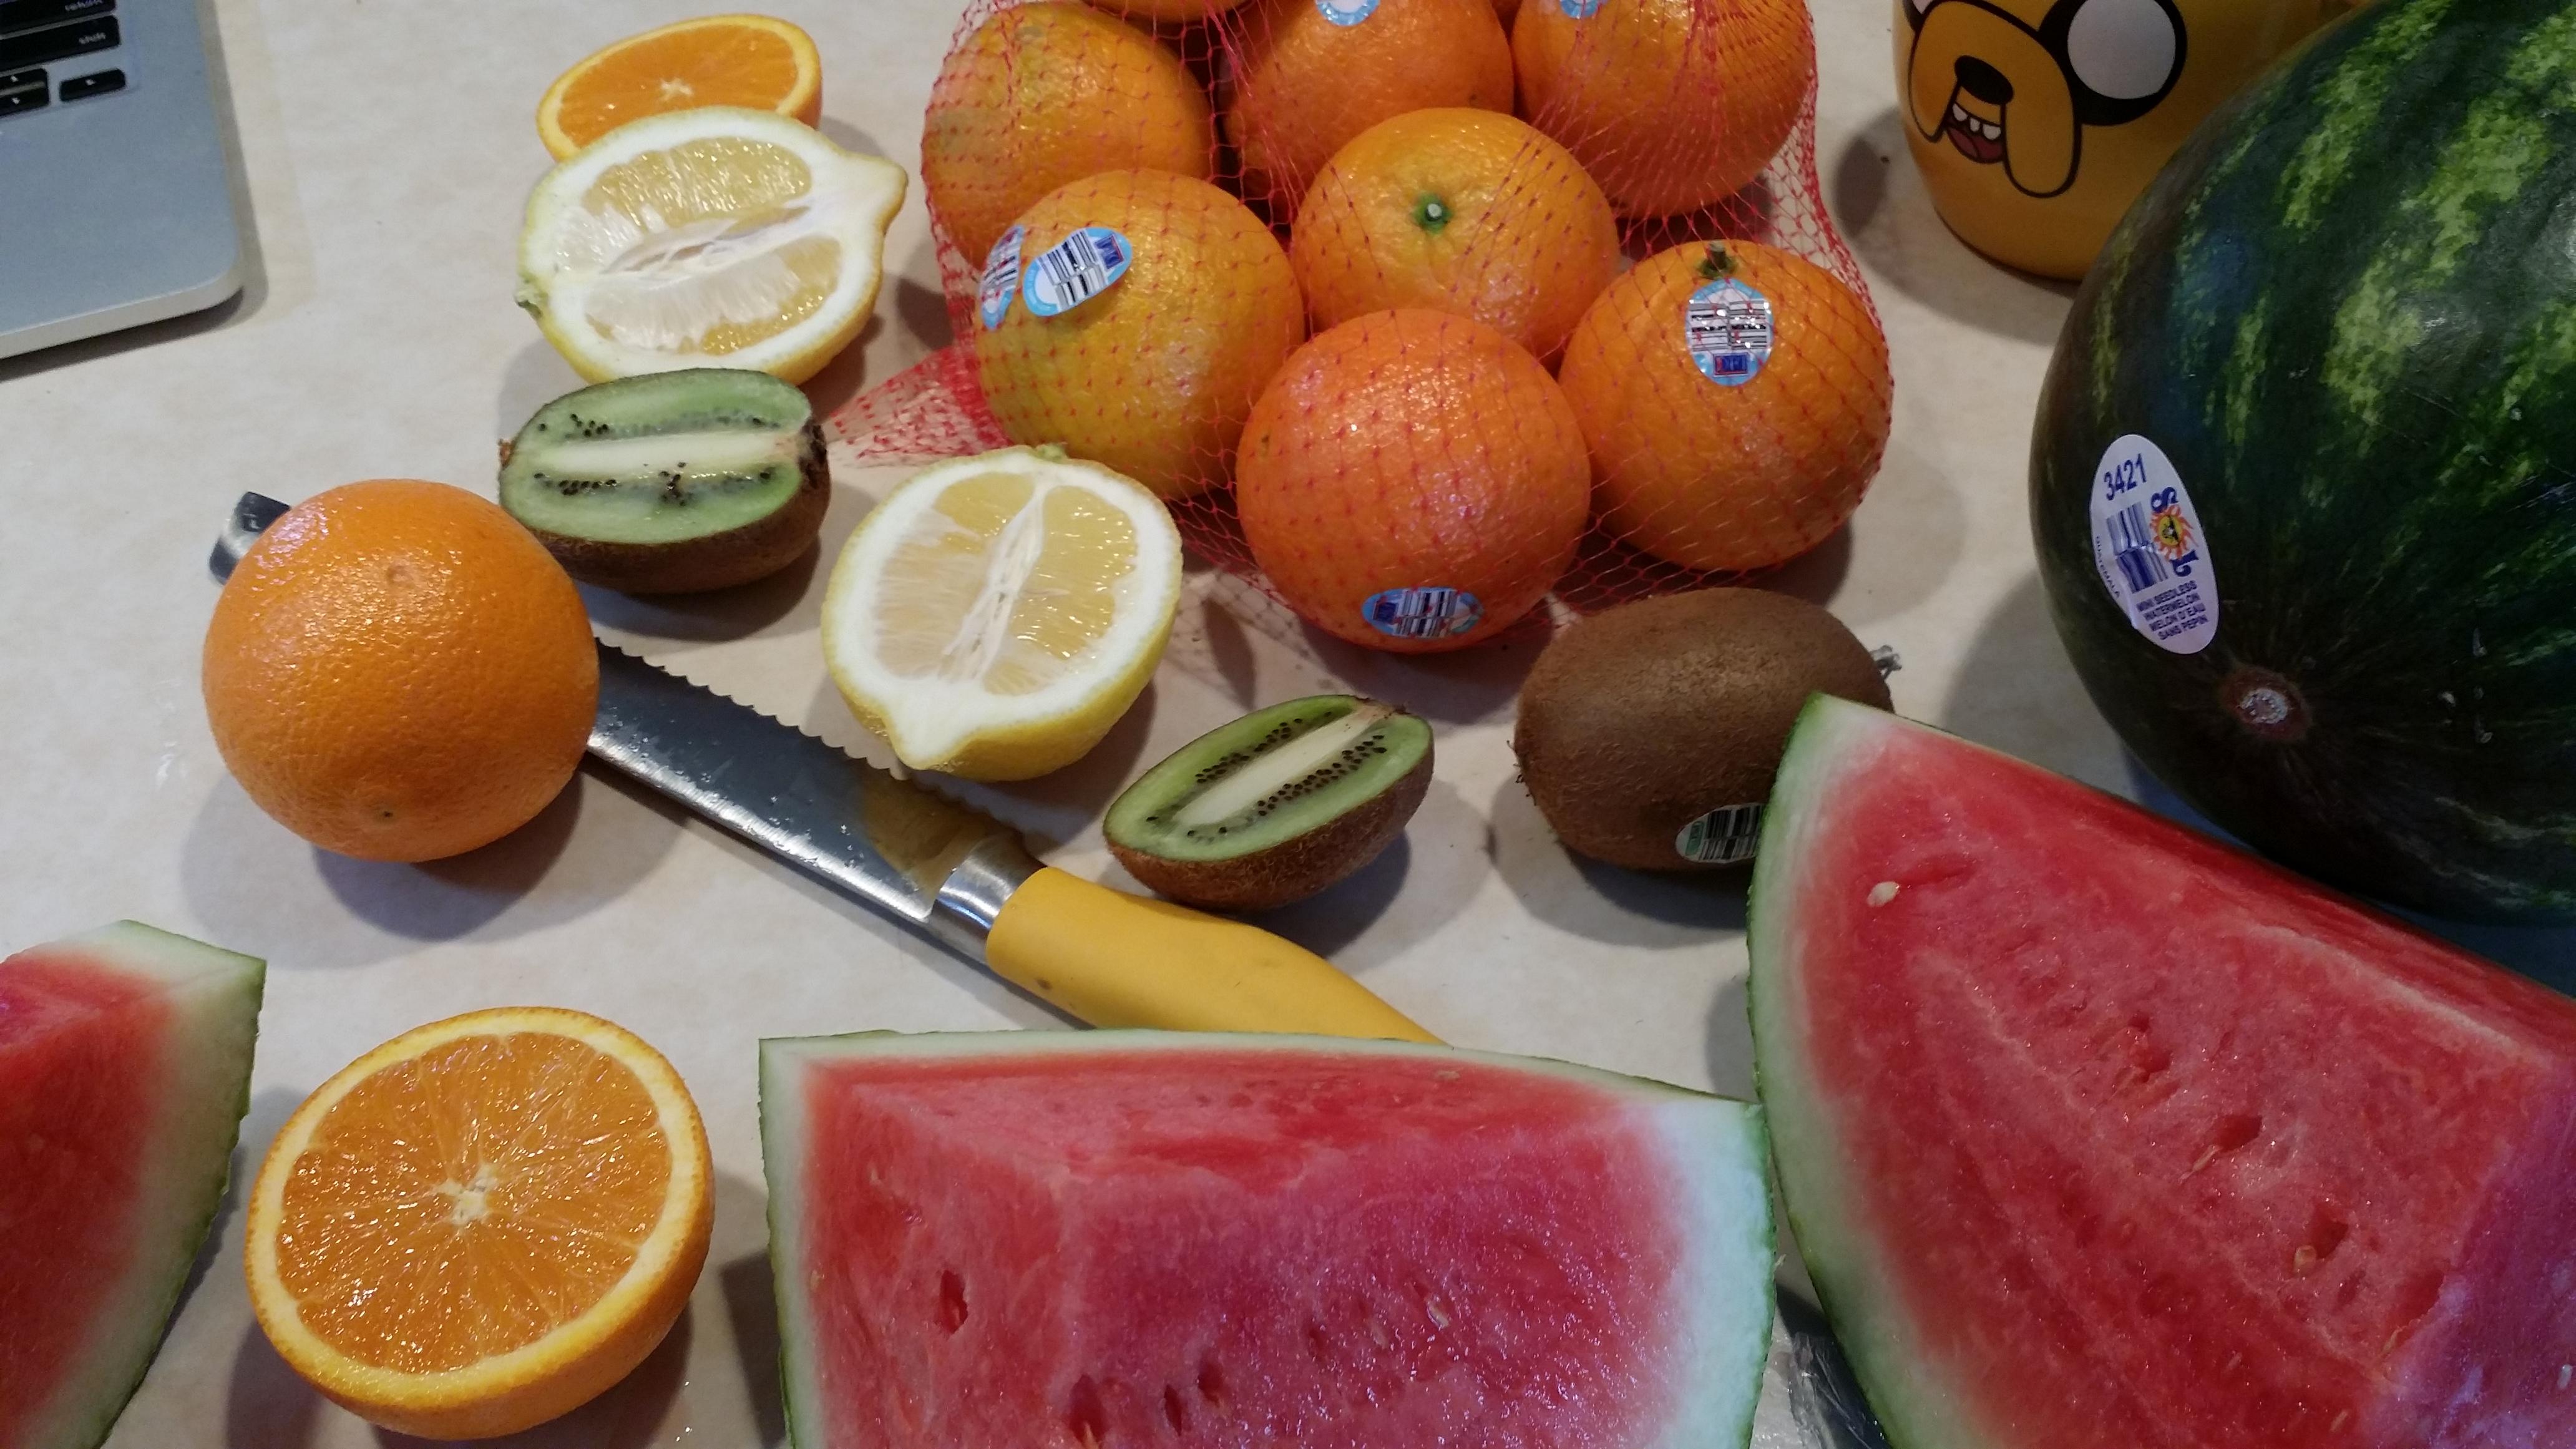 e39_fruit